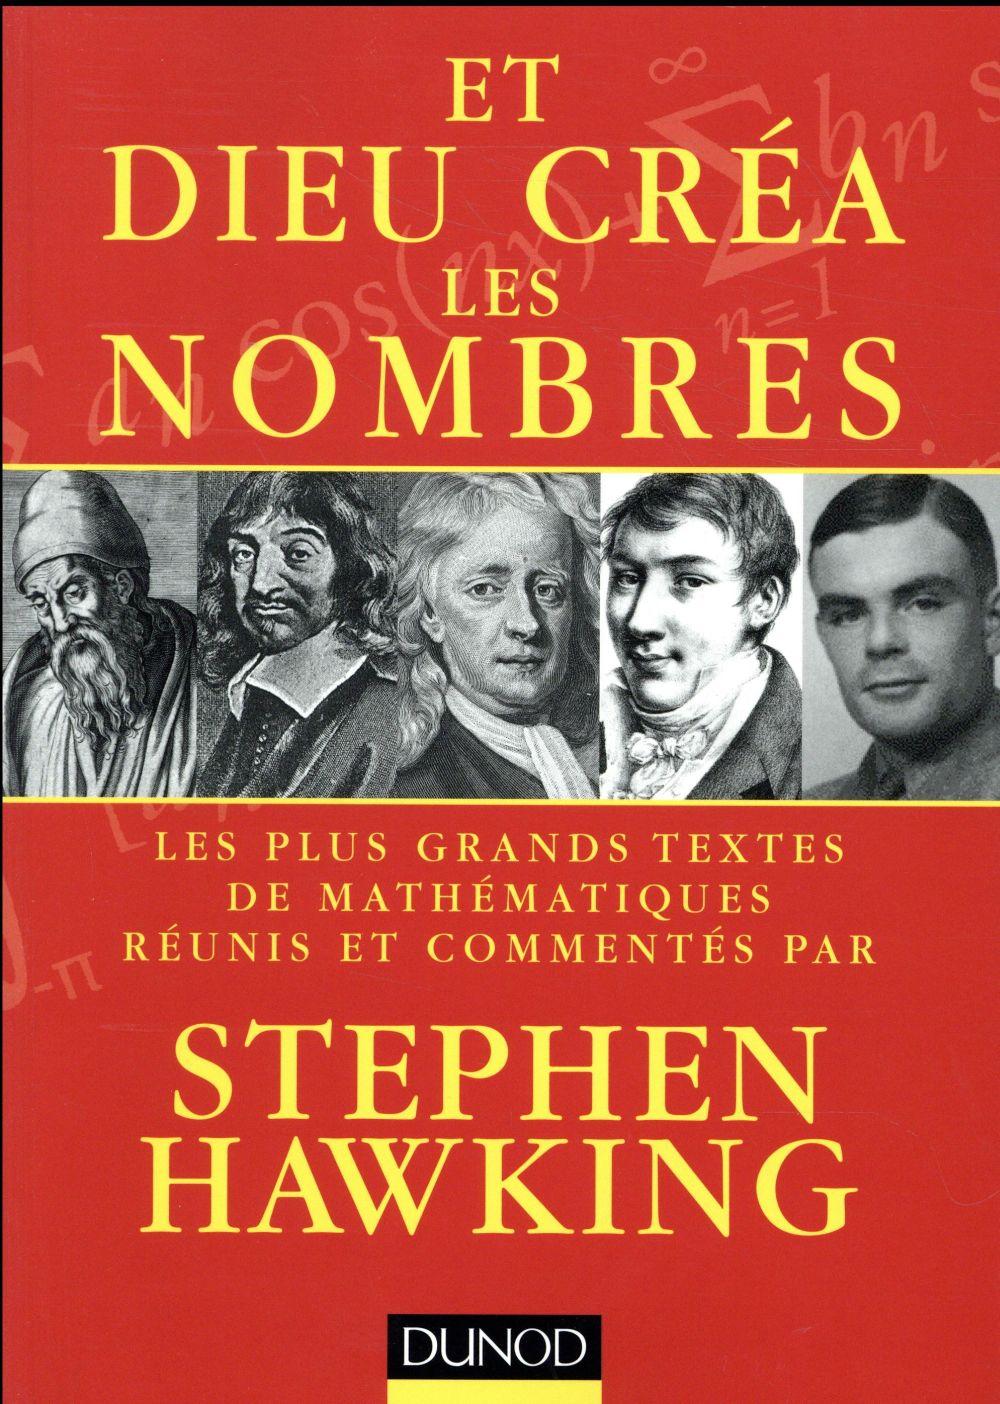 Et Dieu créa les nombres ; les plus grands textes de mathématiques commentés par Stephen Hawking